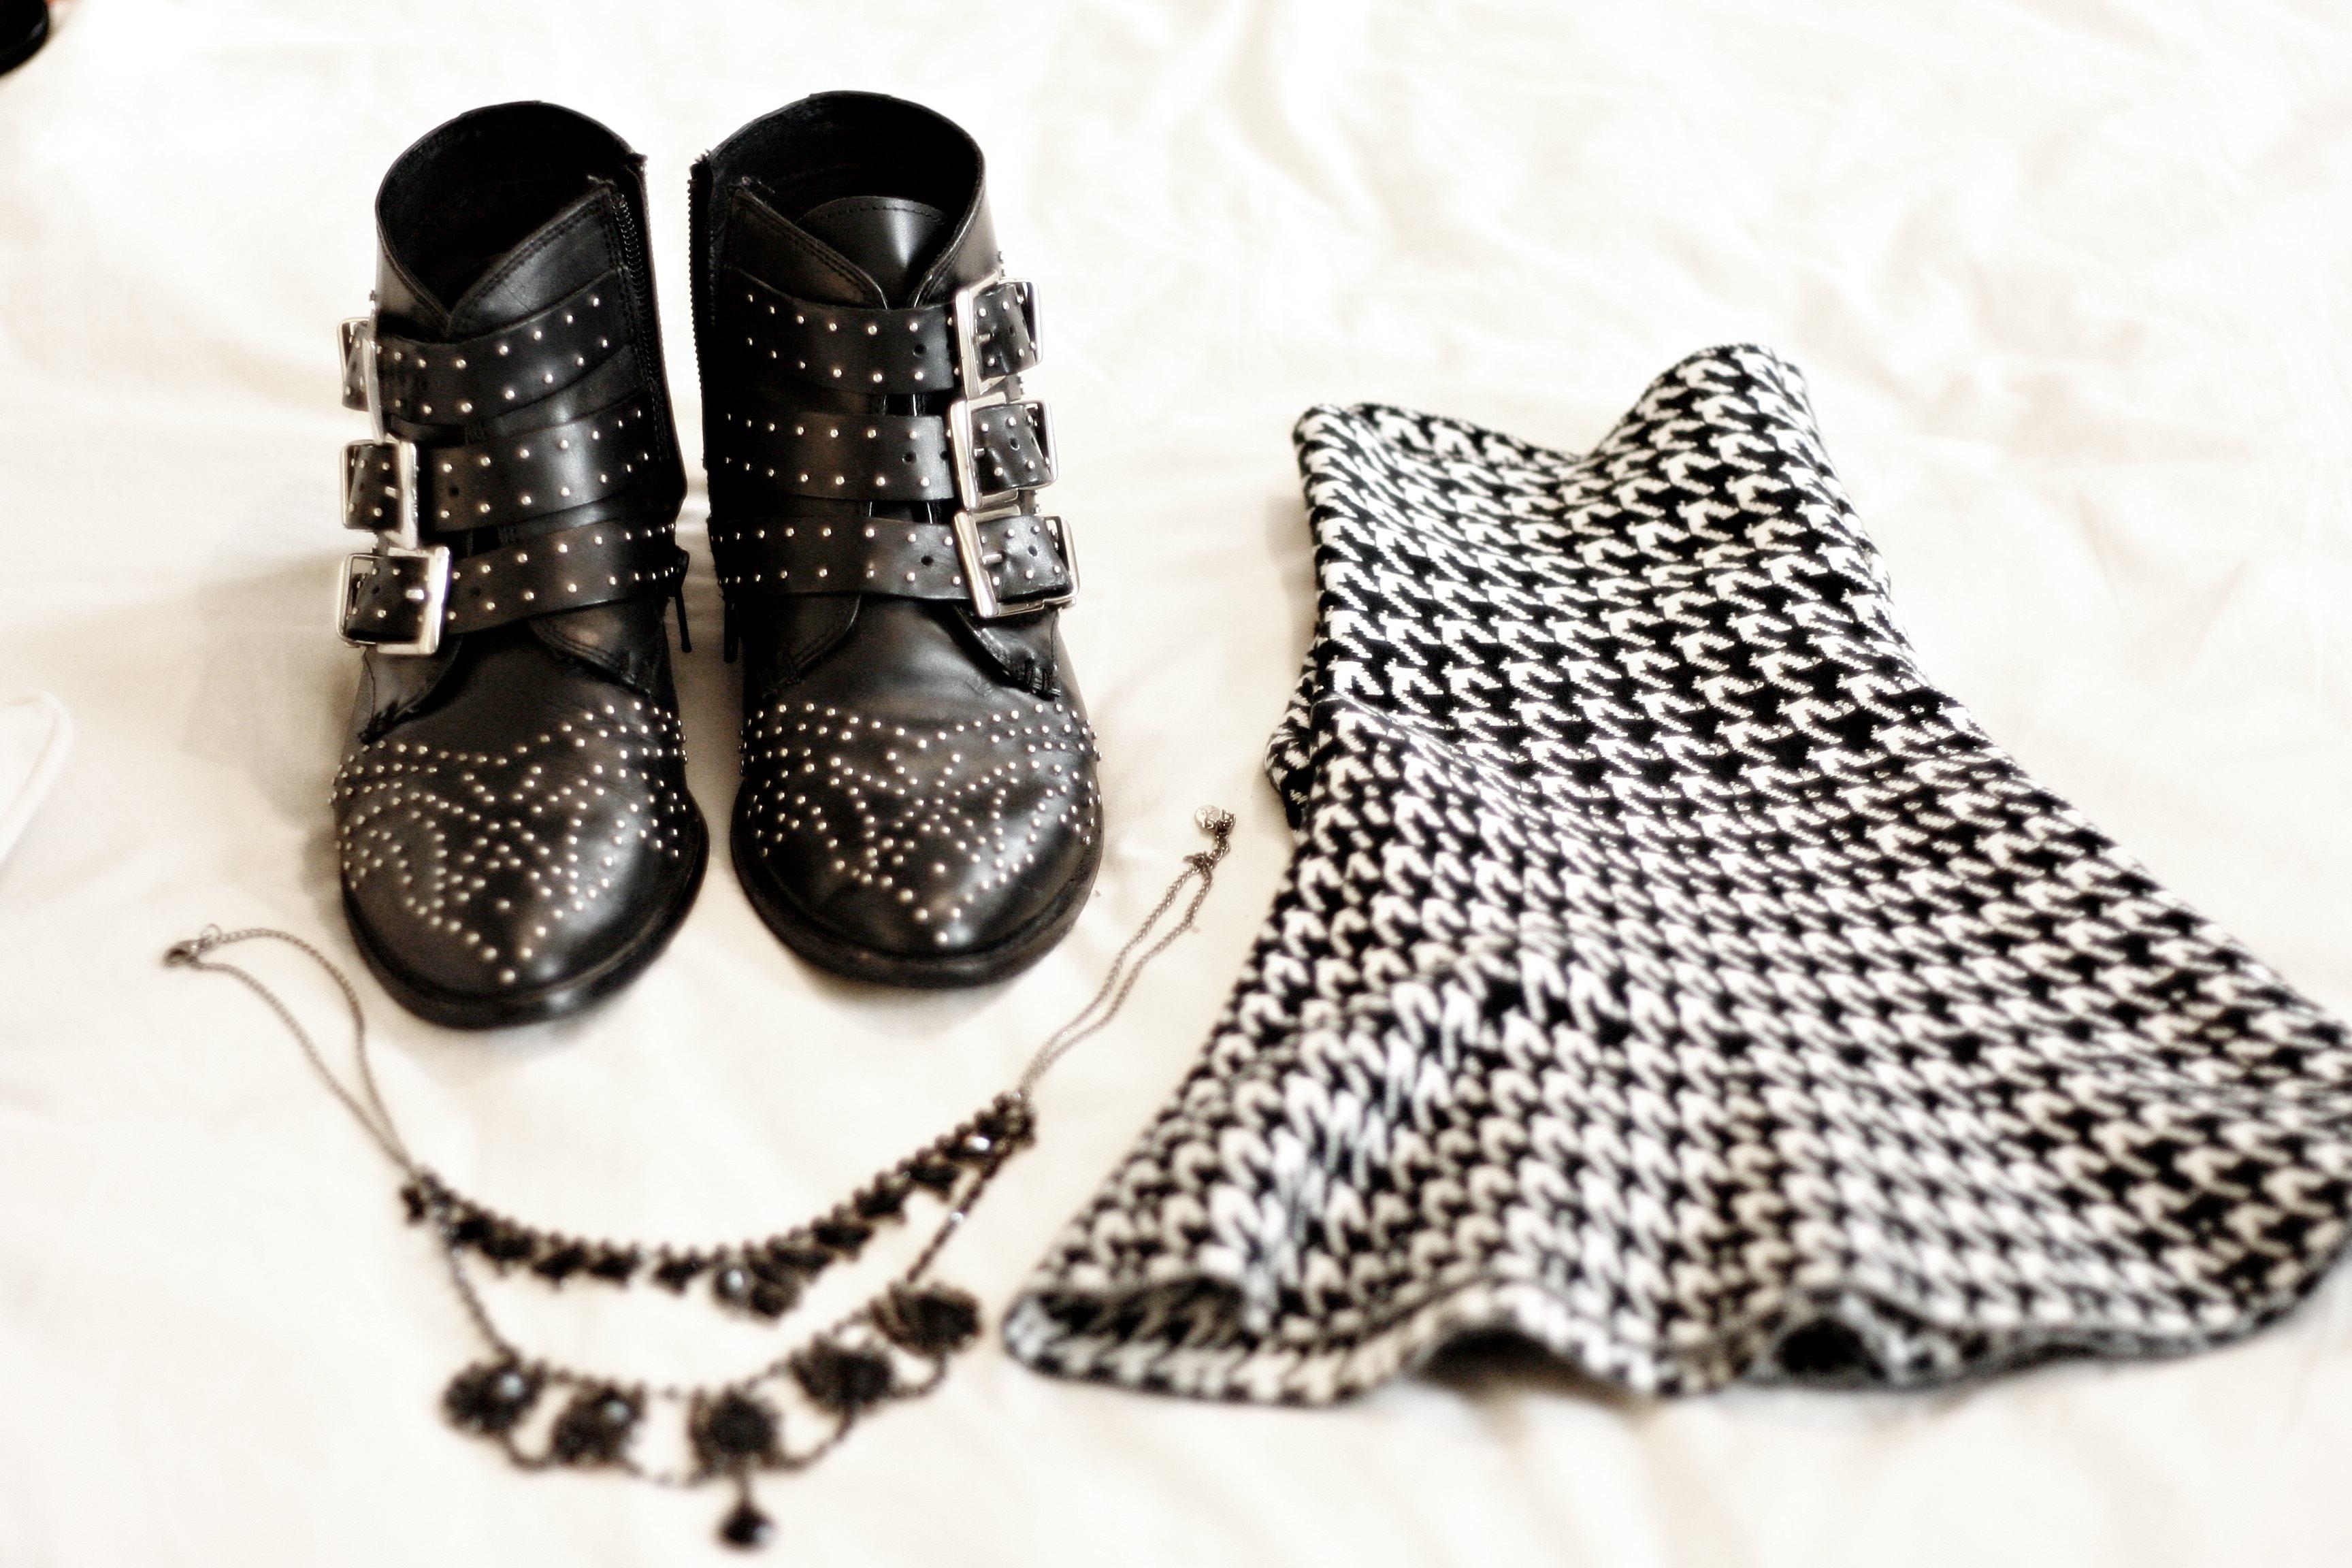 ersatz-susanna-aurelia-blog-mode